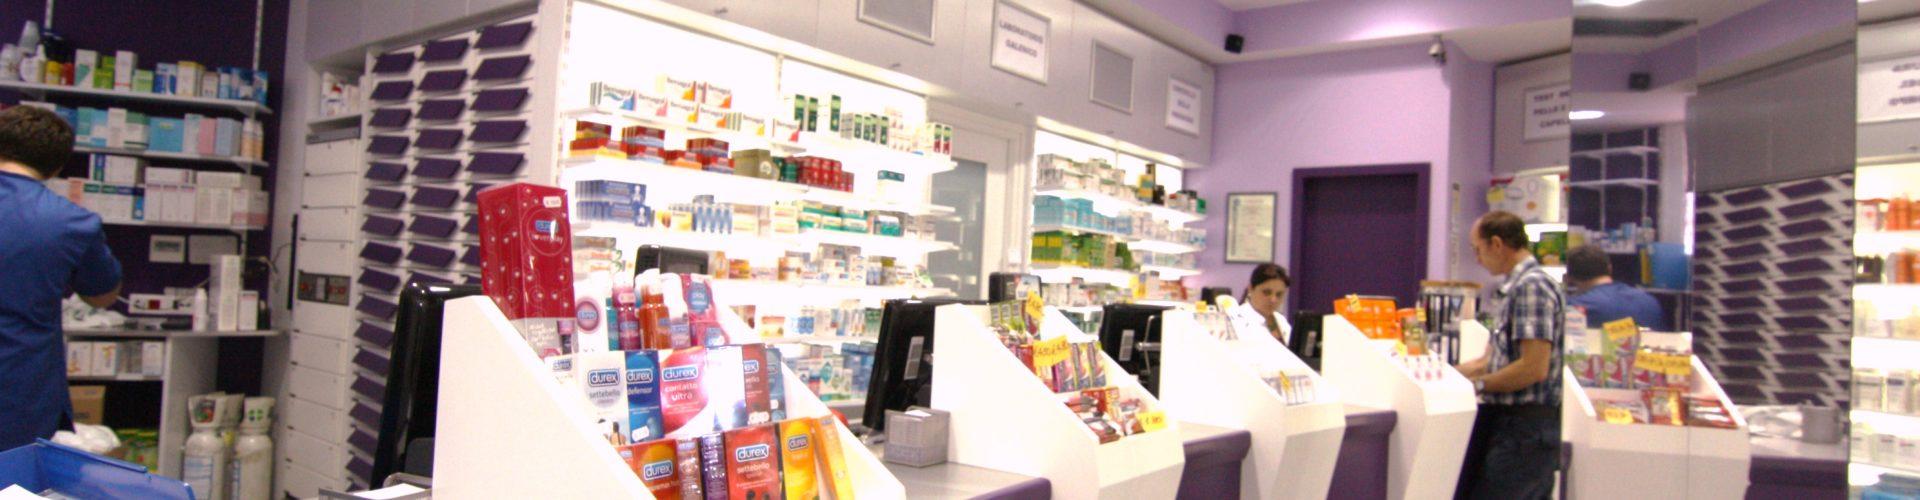 farmacia_kemeia3